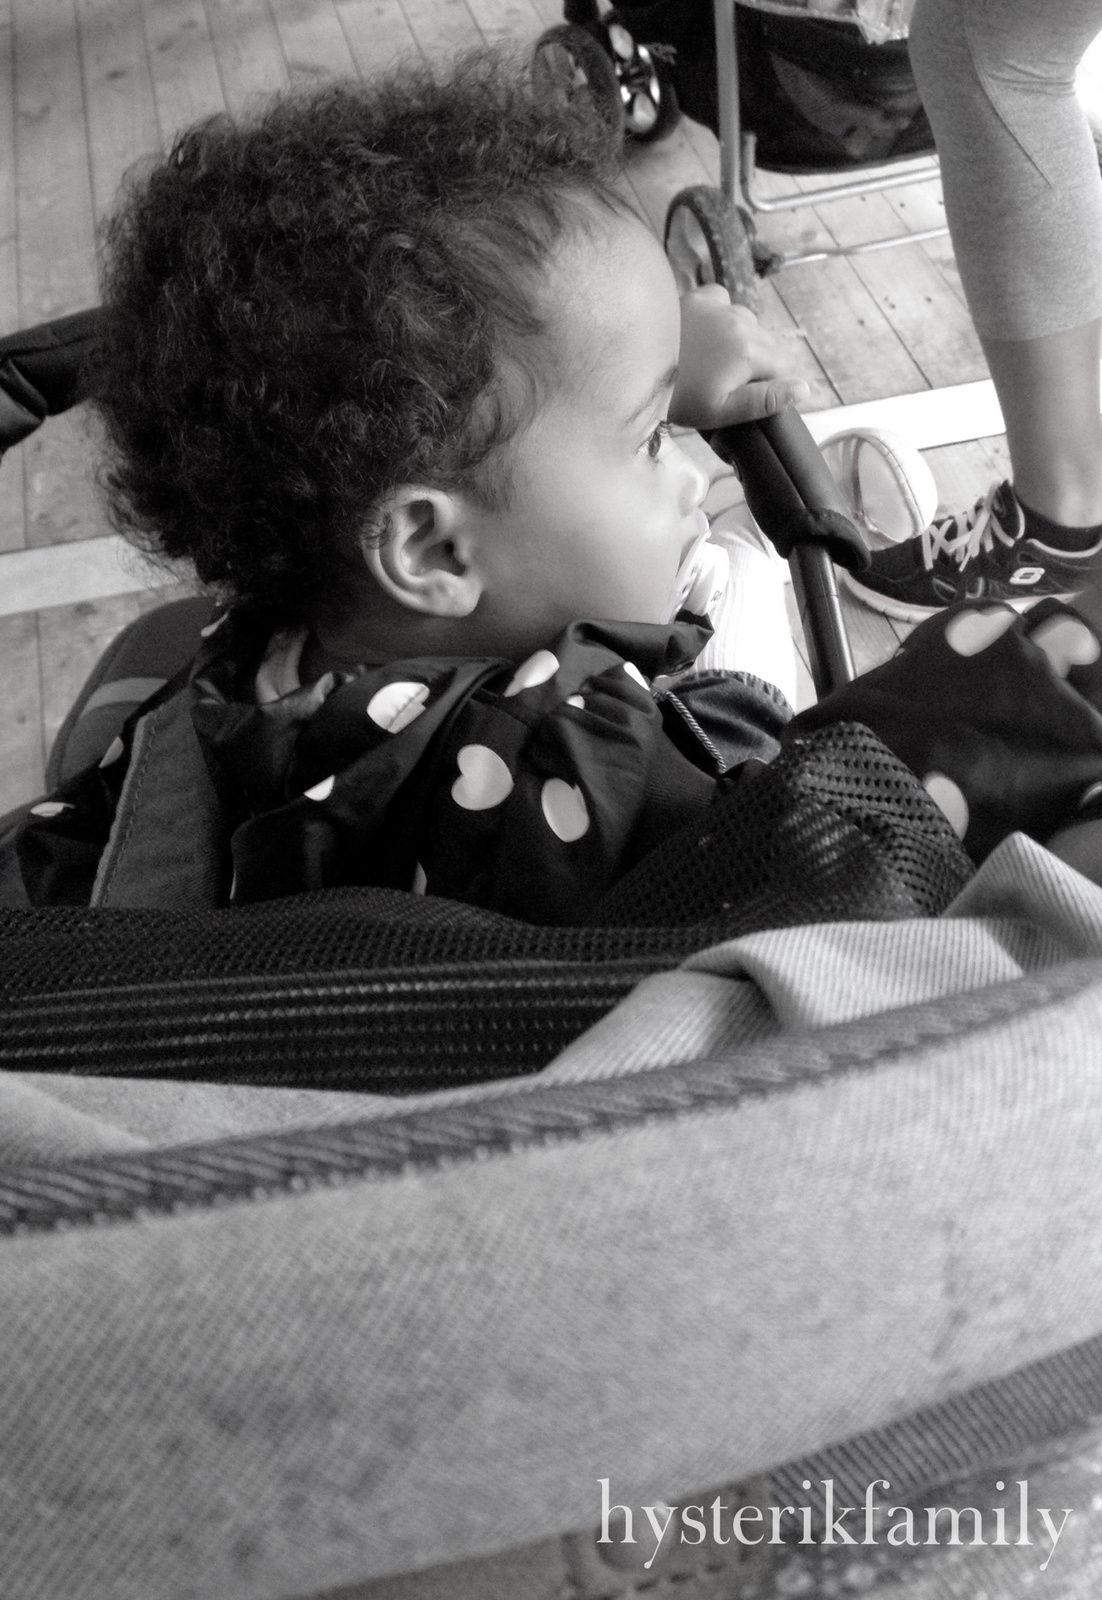 La fit poussette, où comment faire du sport avec bébé en poussette